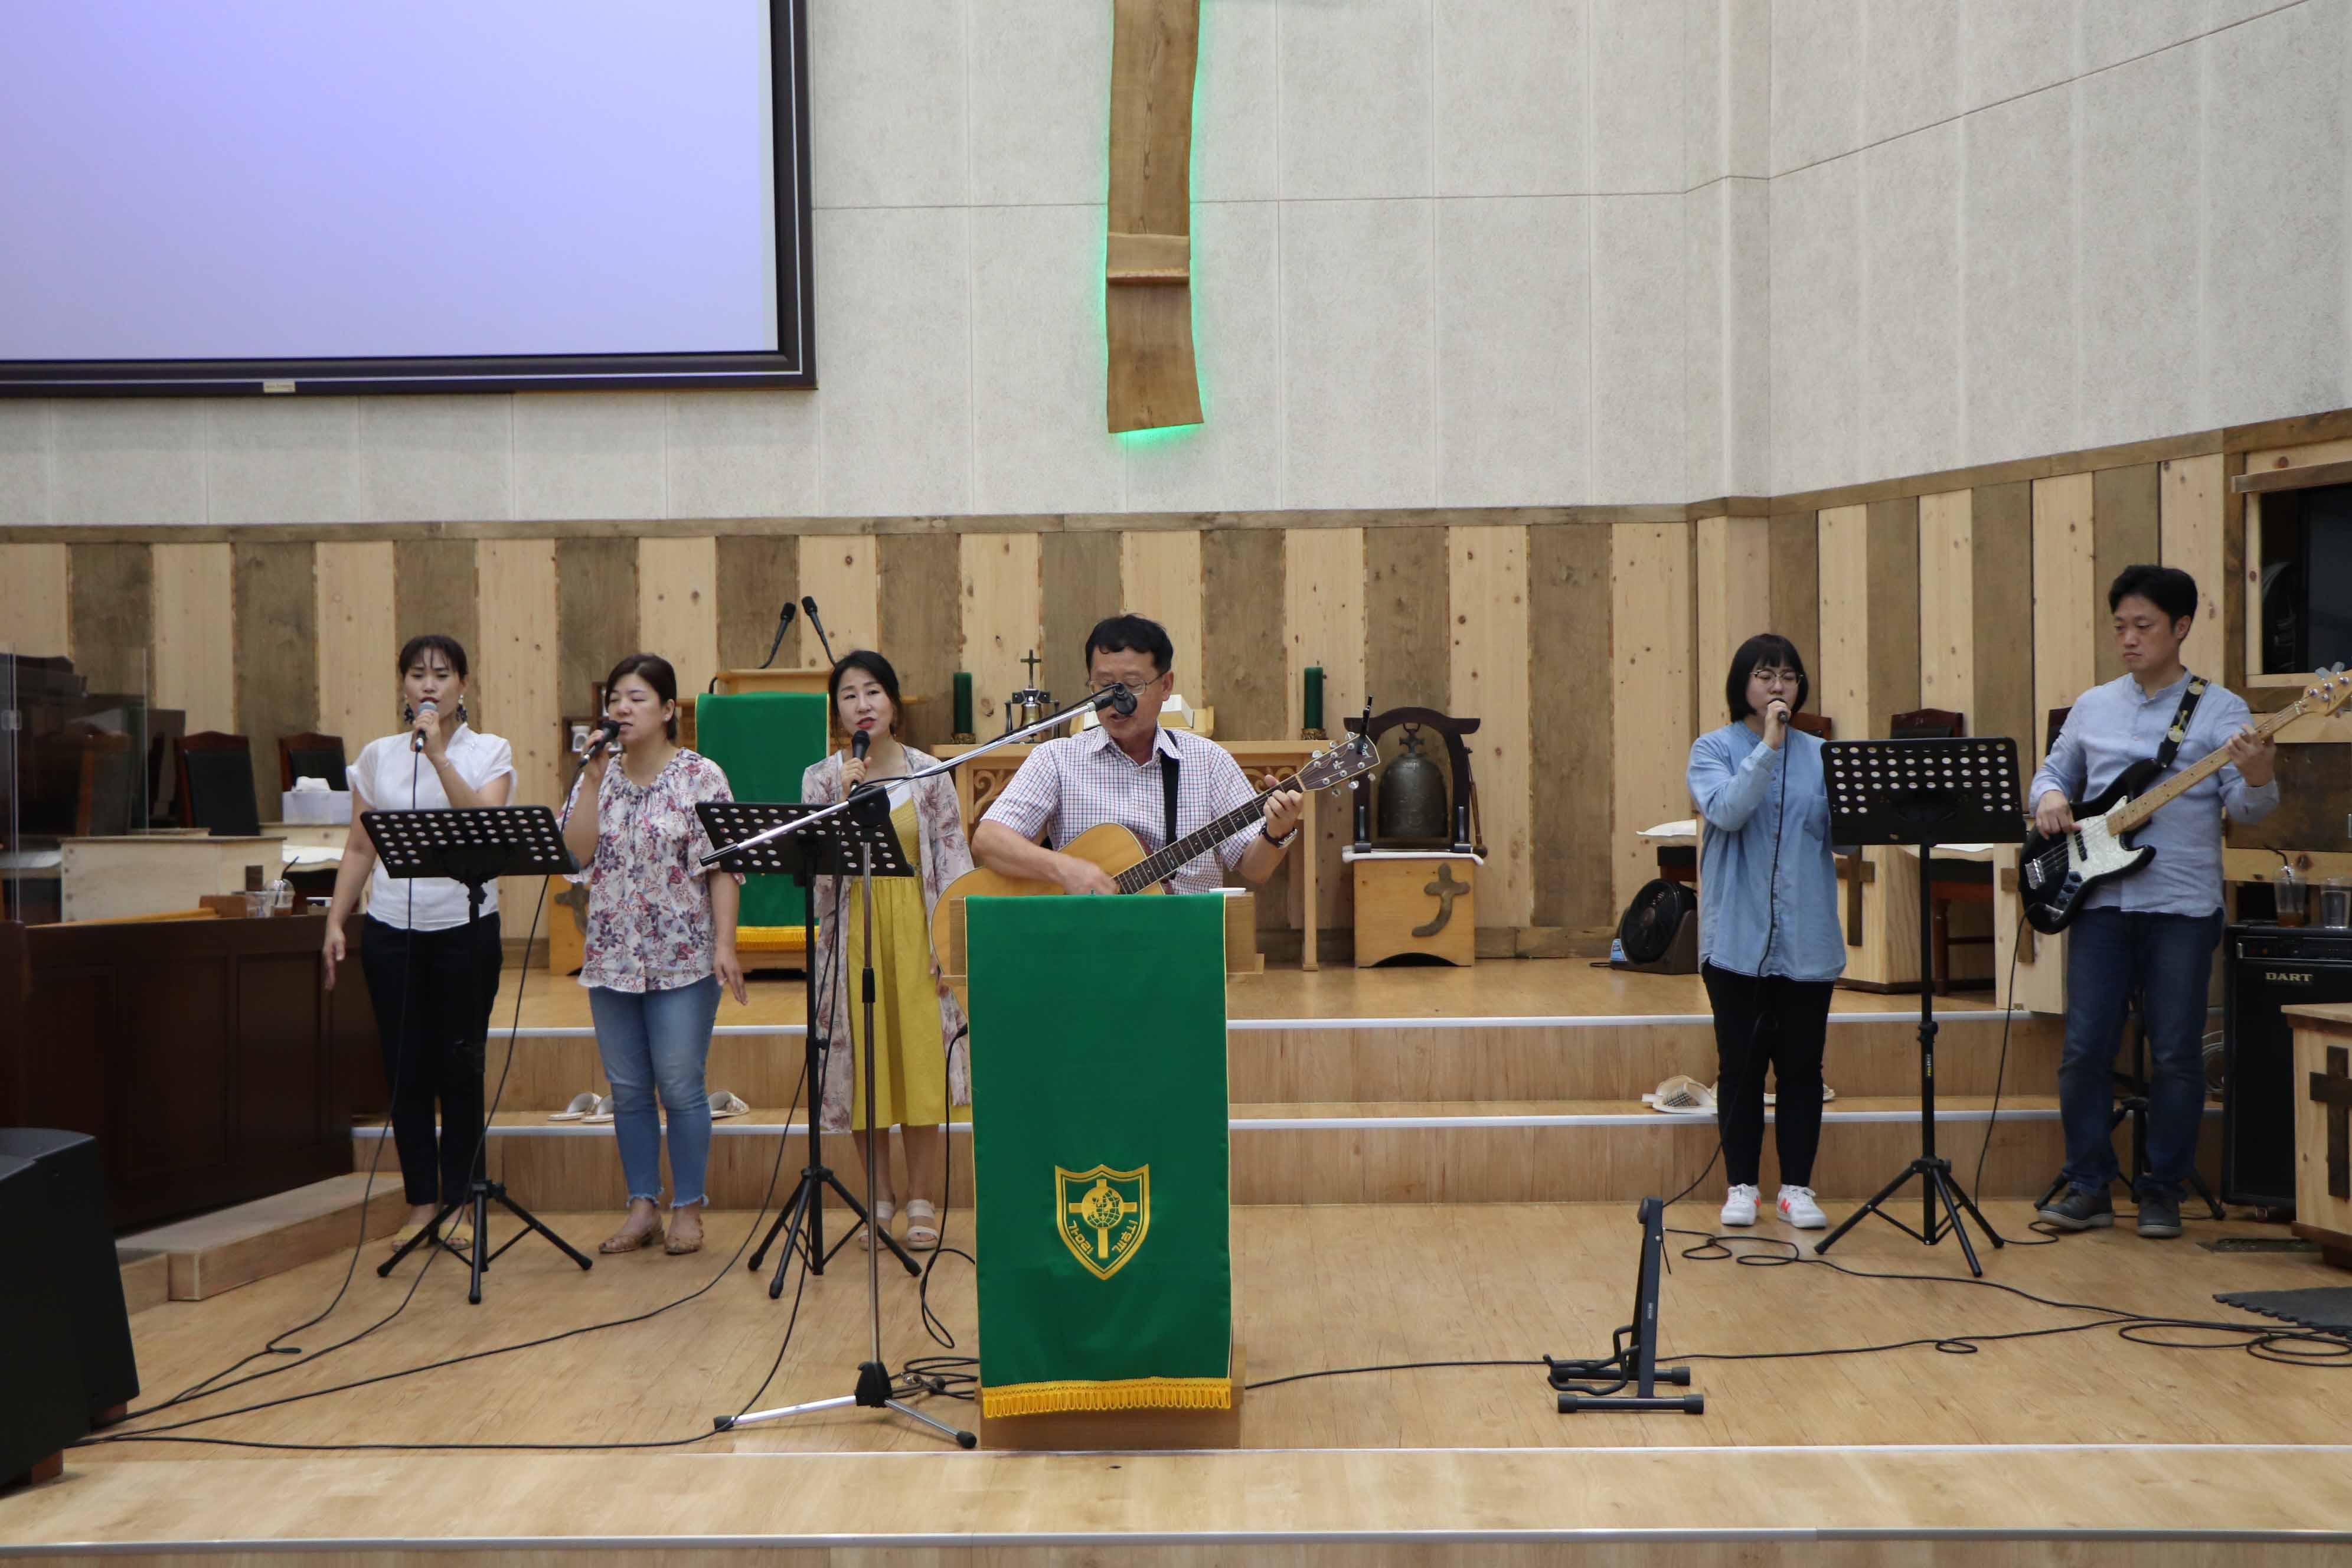 2019년 9월 1일 주일 오후 학생부 헌신예배